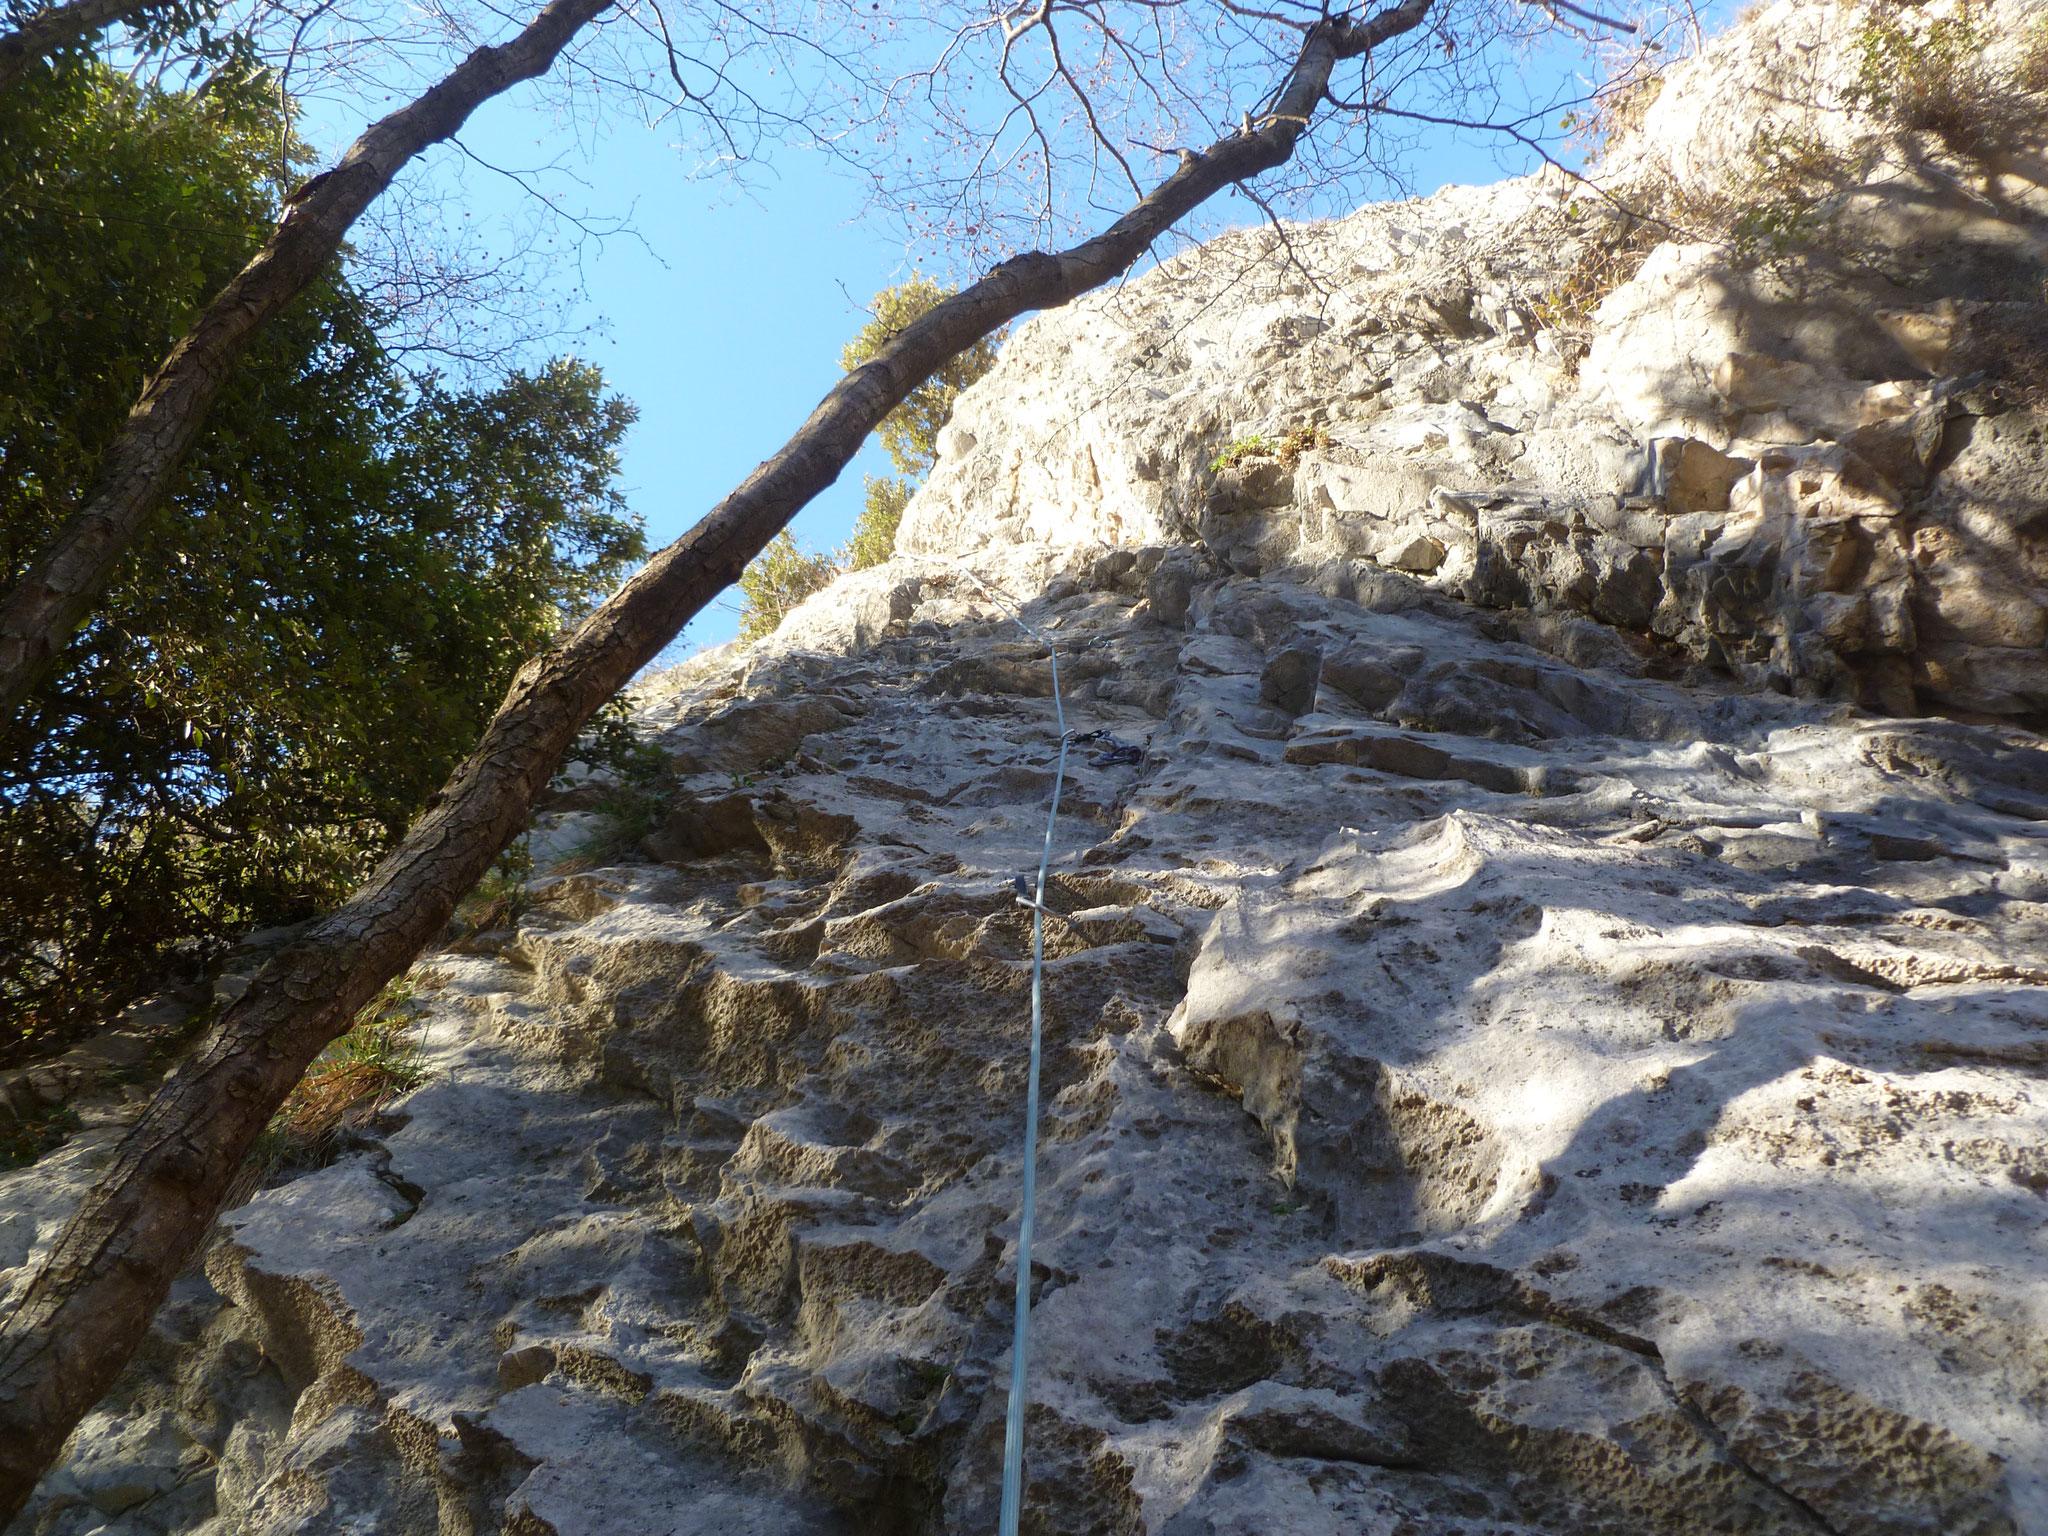 Die erste Länge - steiler als sie aussieht aber gut zu klettern!